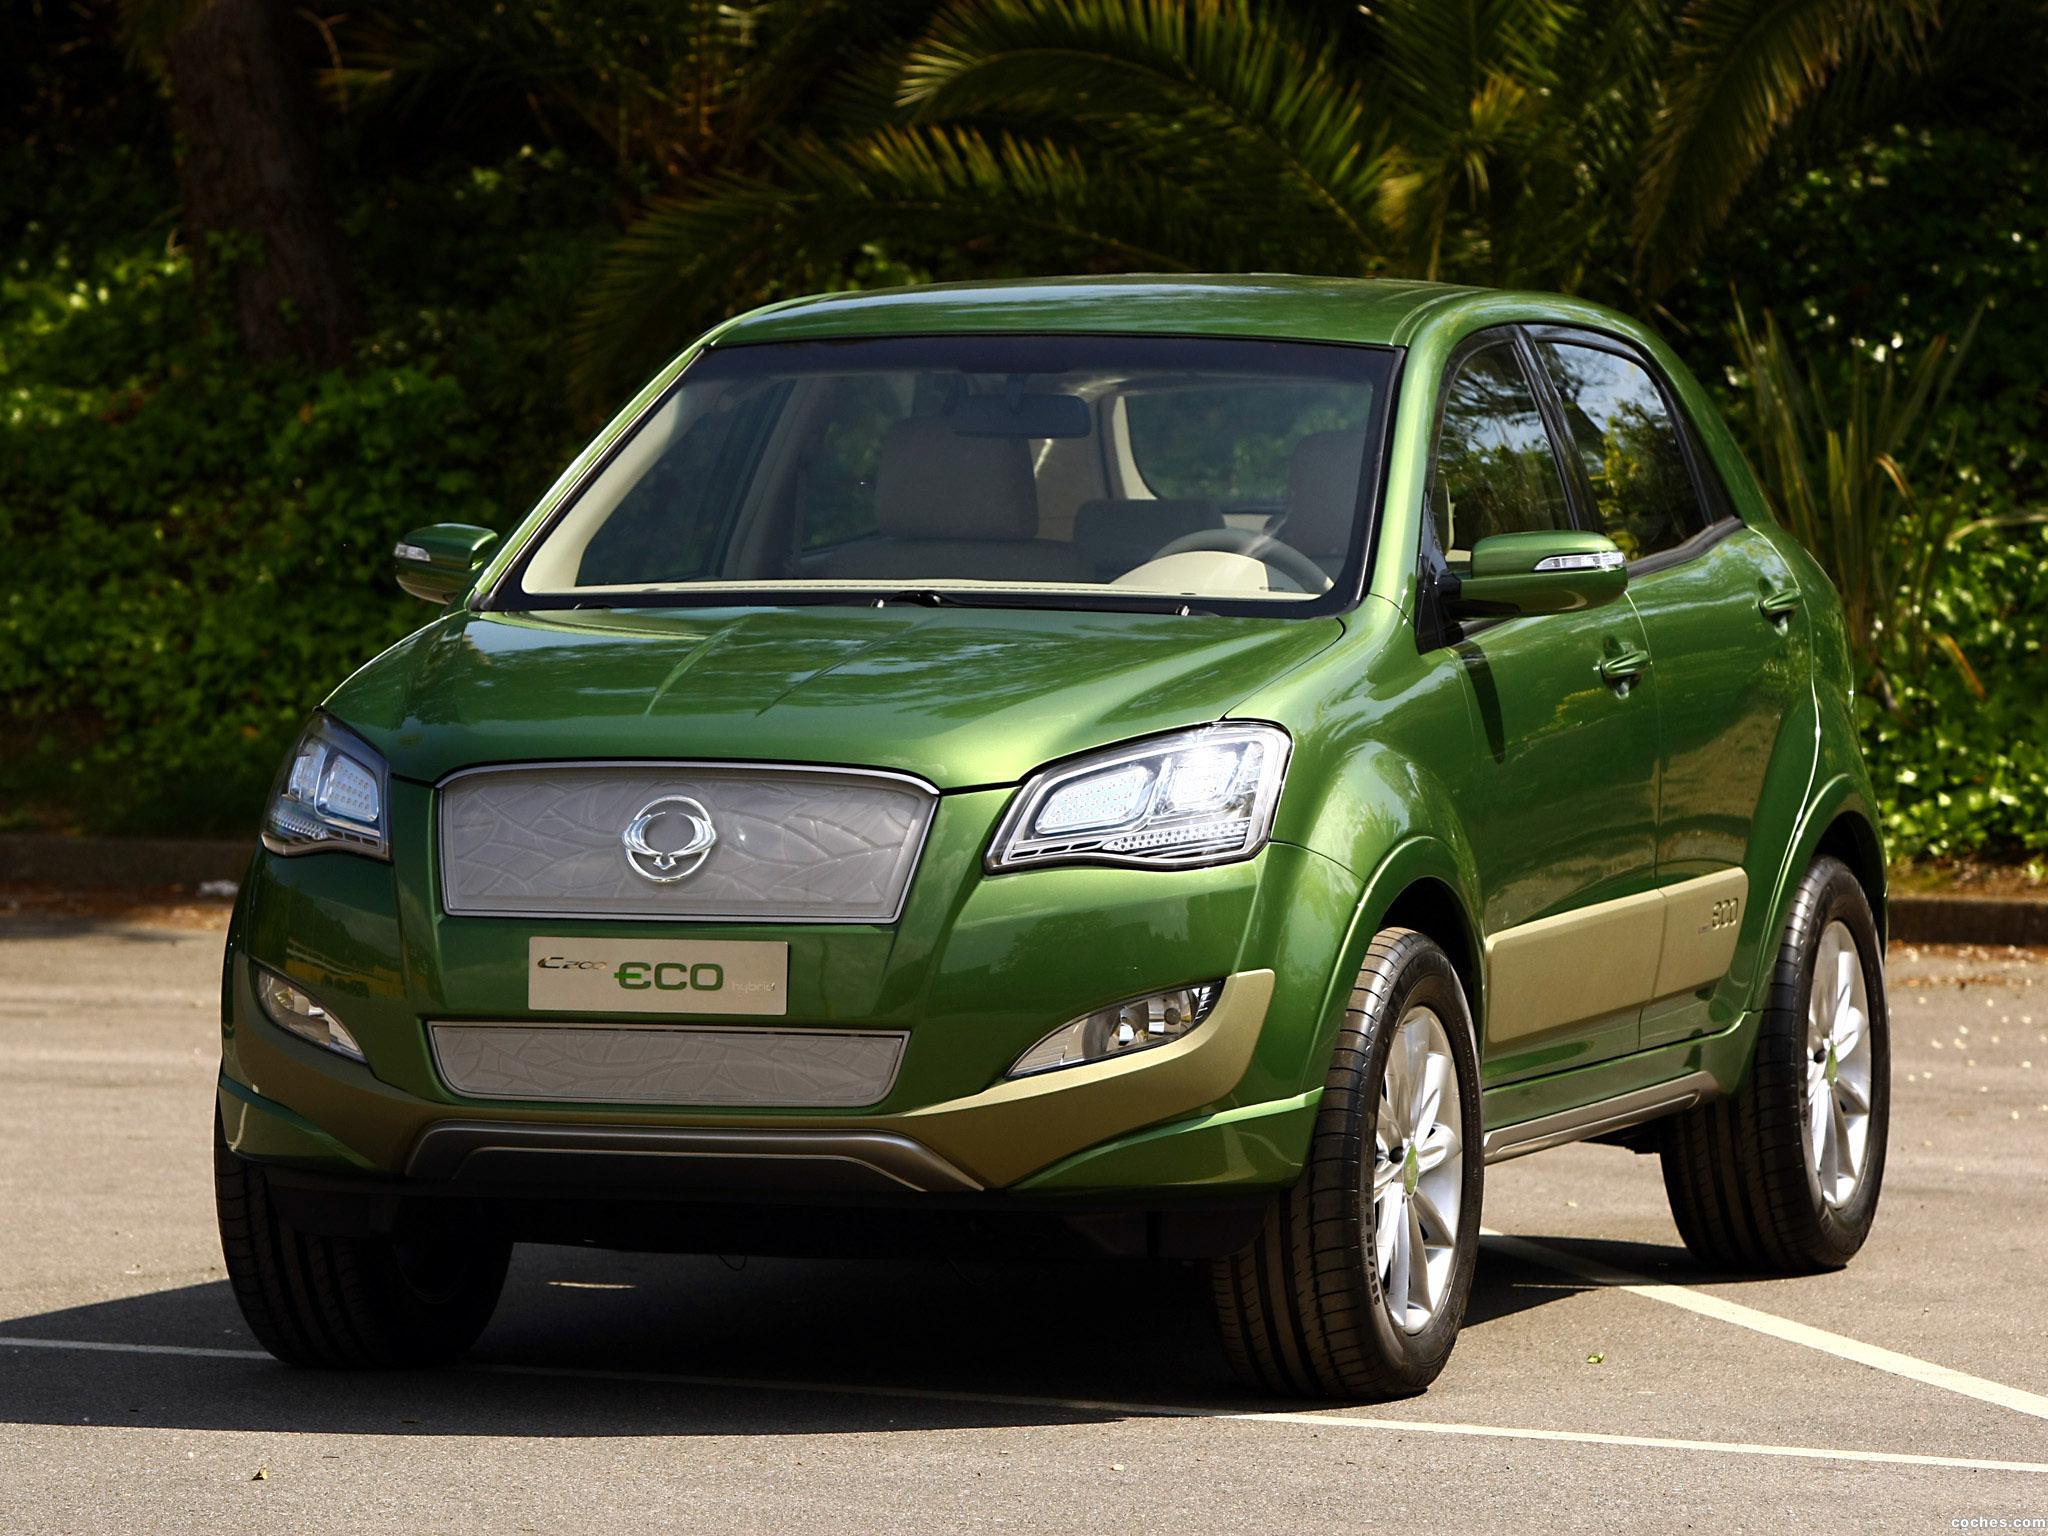 Foto 0 de Ssangyong C200 Eco Hybrid Concept 2009